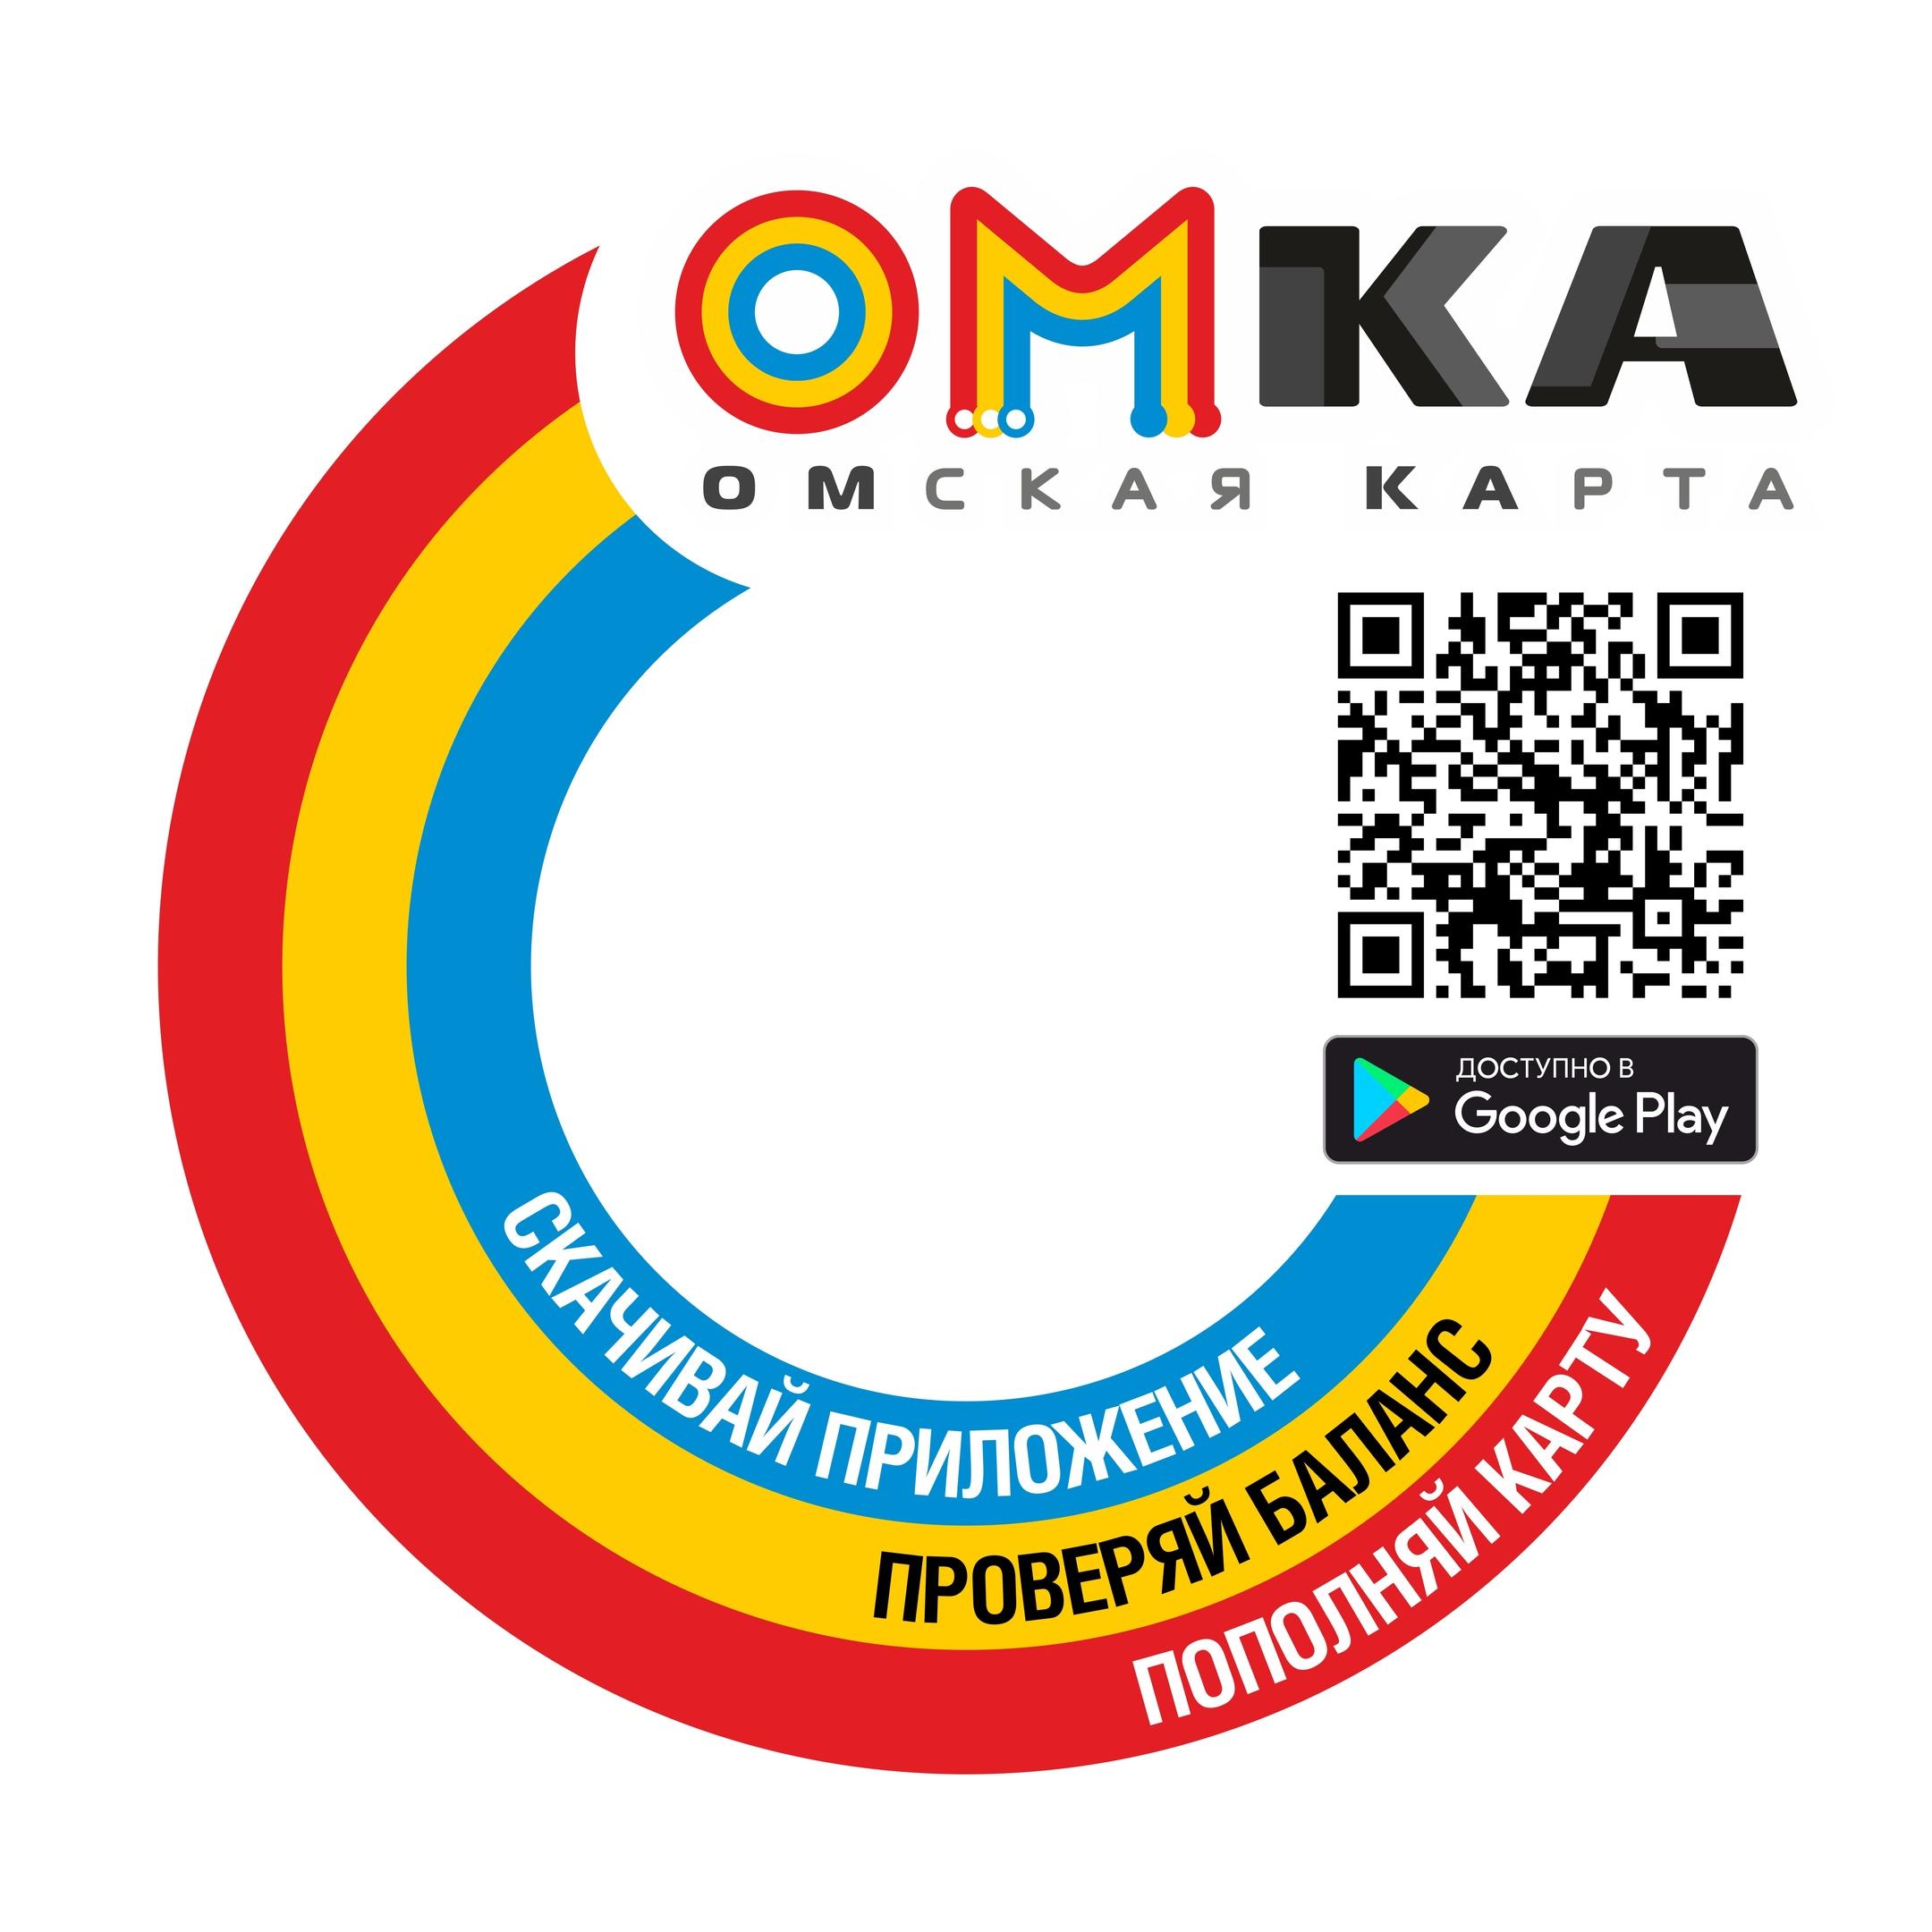 Для пополнения транспортных карт в Омске выпустили приложение #Новости #Общество #Омск